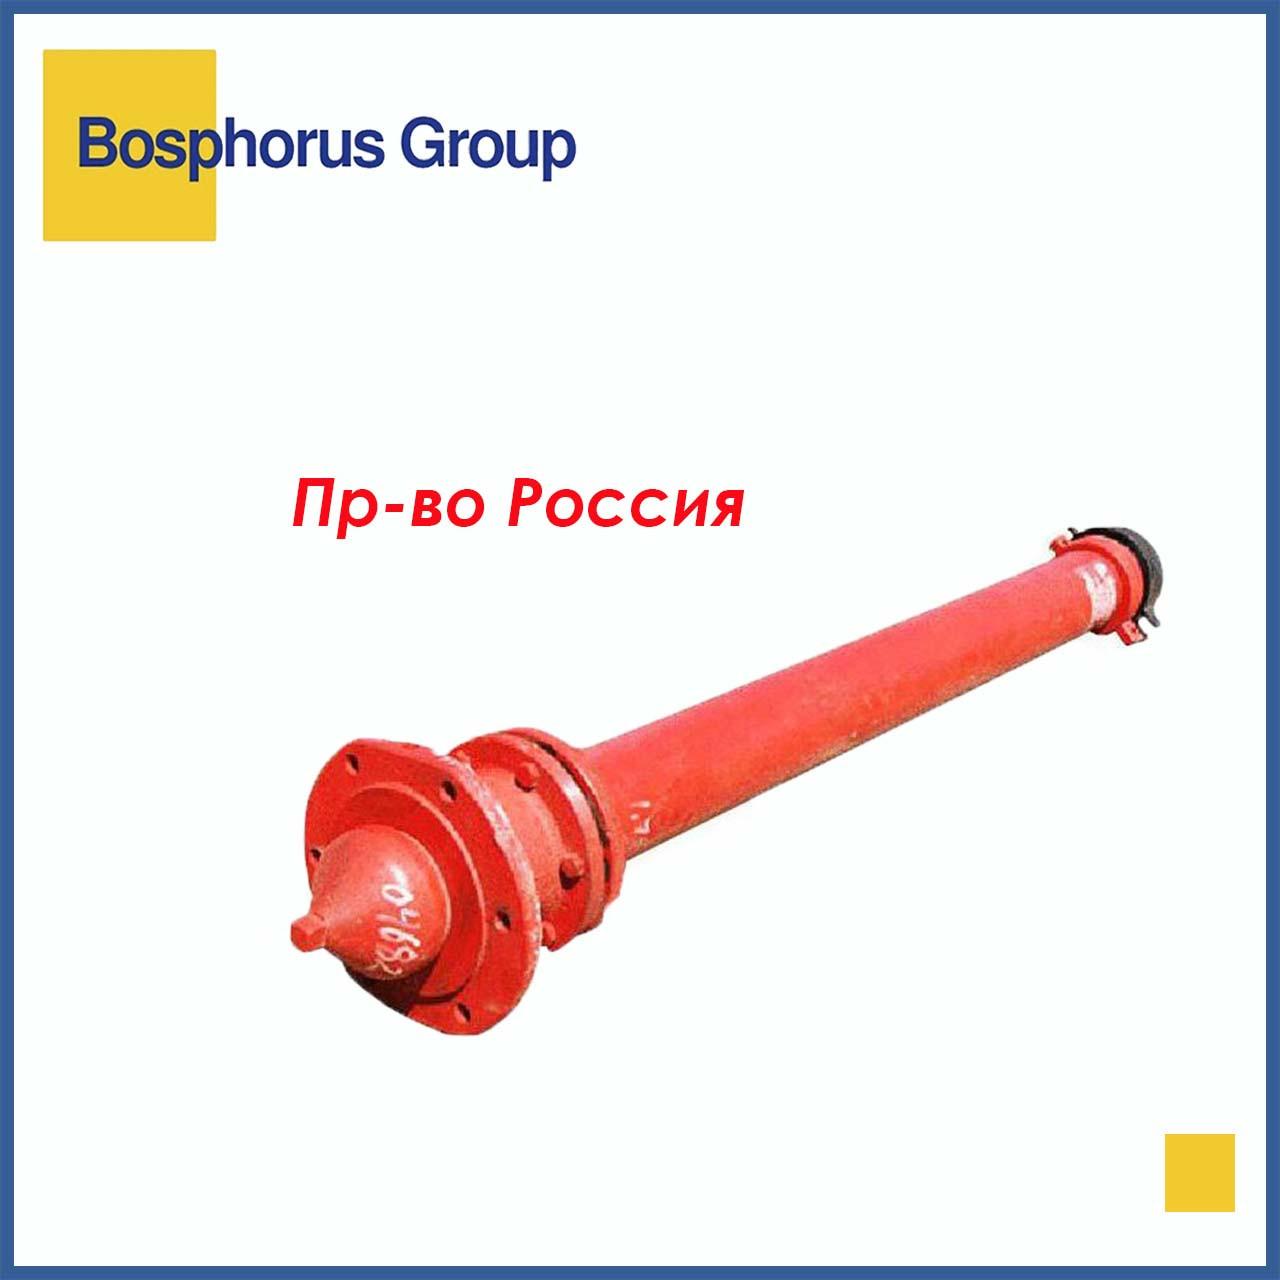 Пожарный гидрант стальной 2,0 м., подземный (Россия)